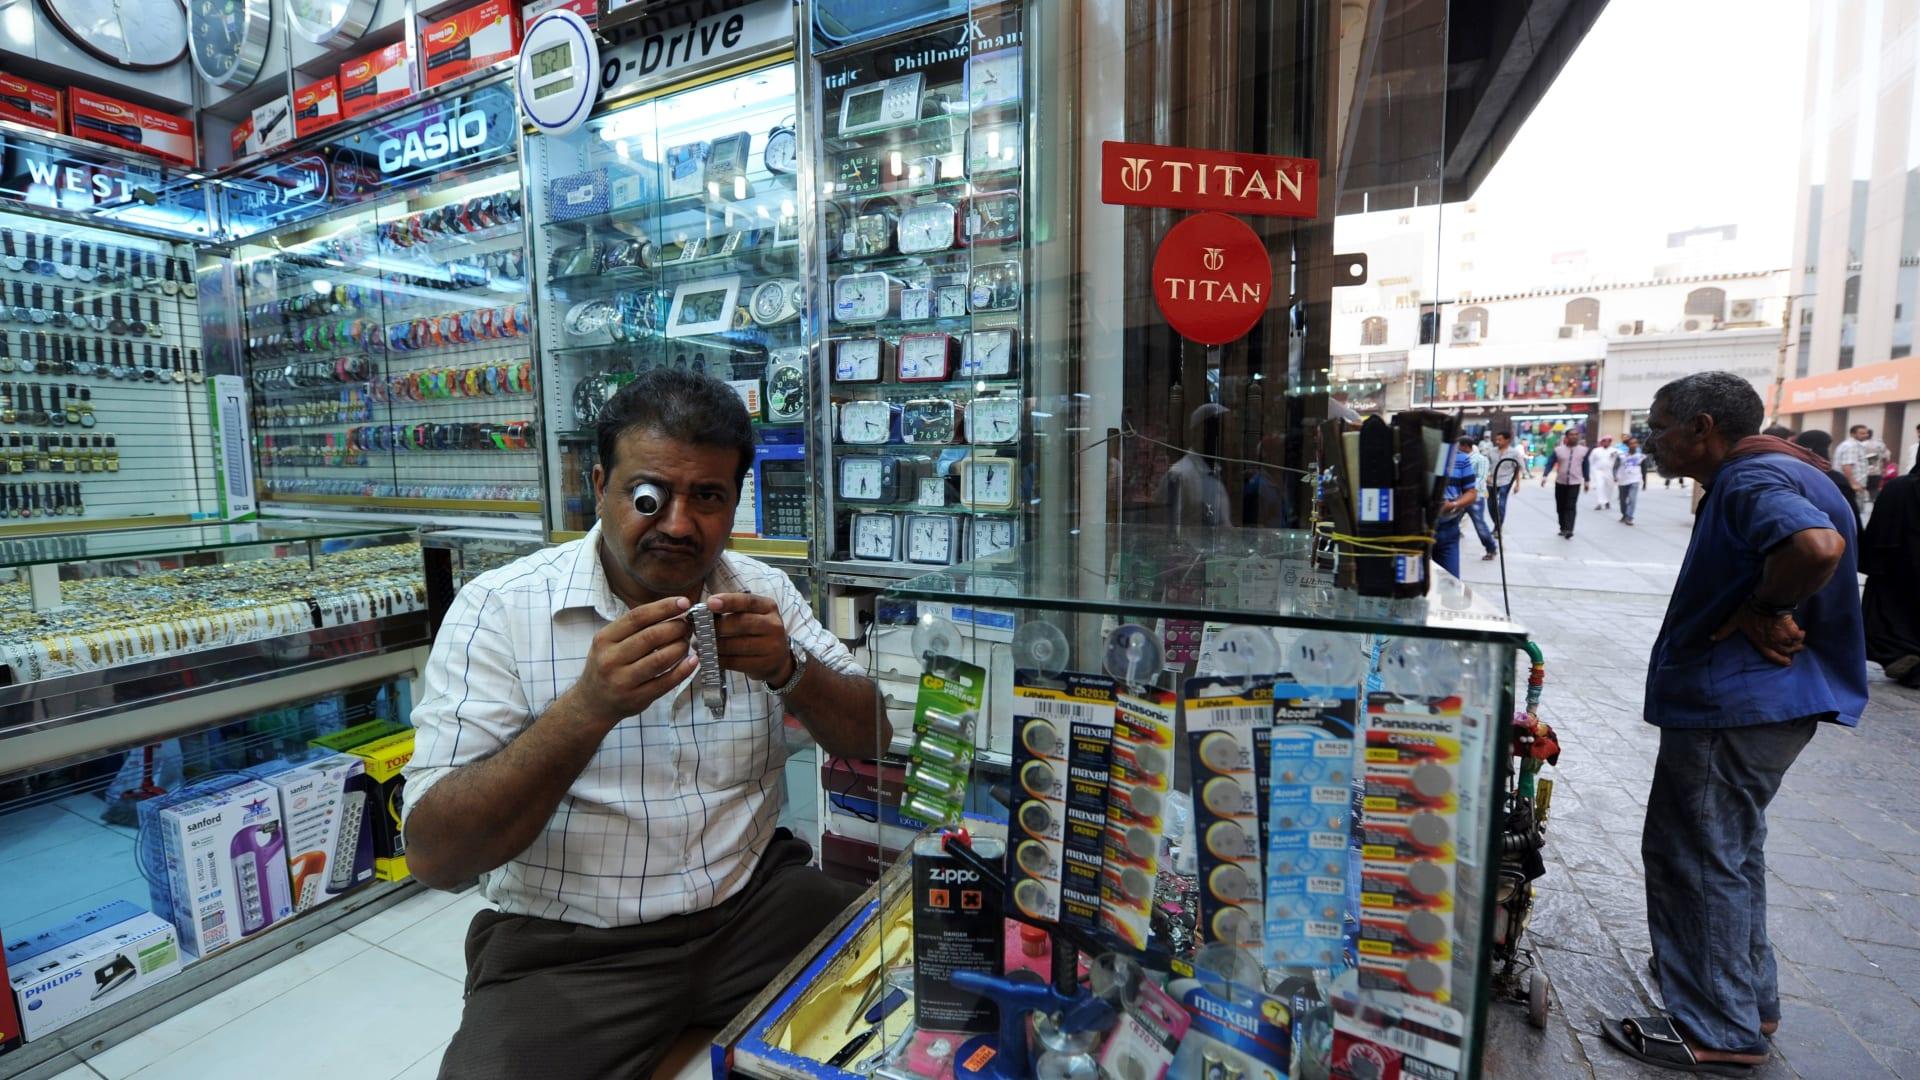 السعودية تحدد نسب الوافدين بمنافذ البيع بـ30%